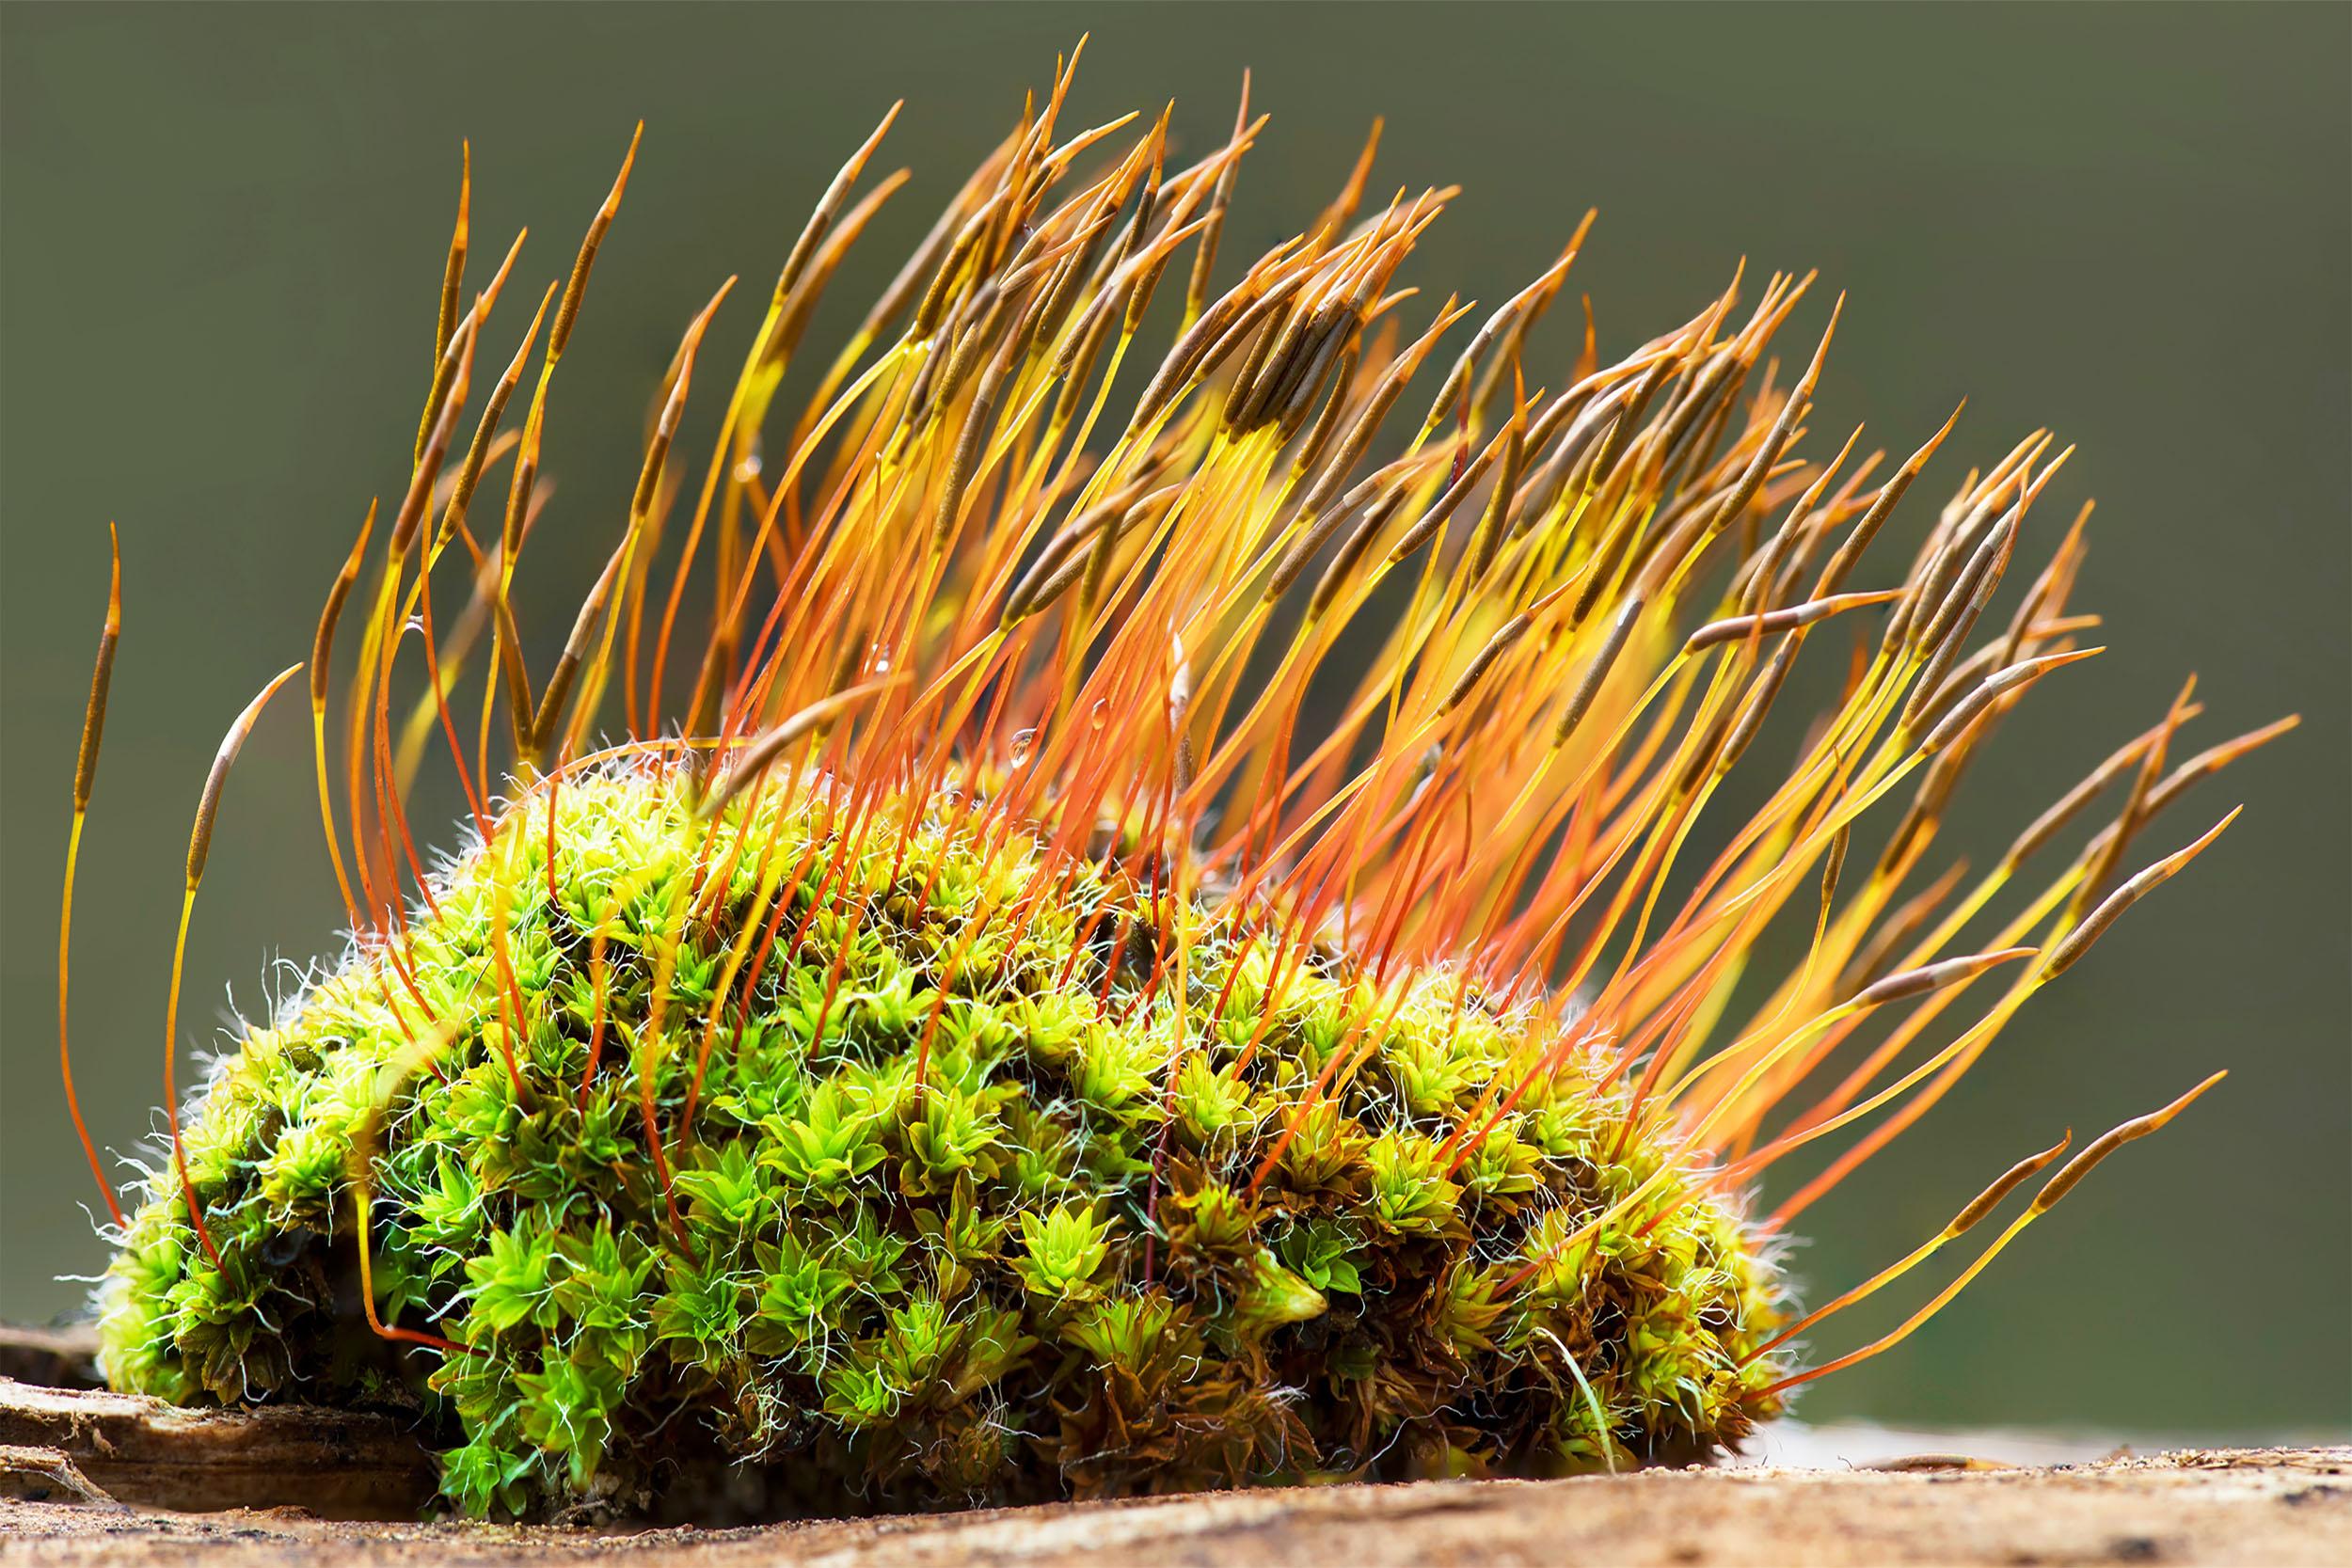 Bryophyte -- mosses